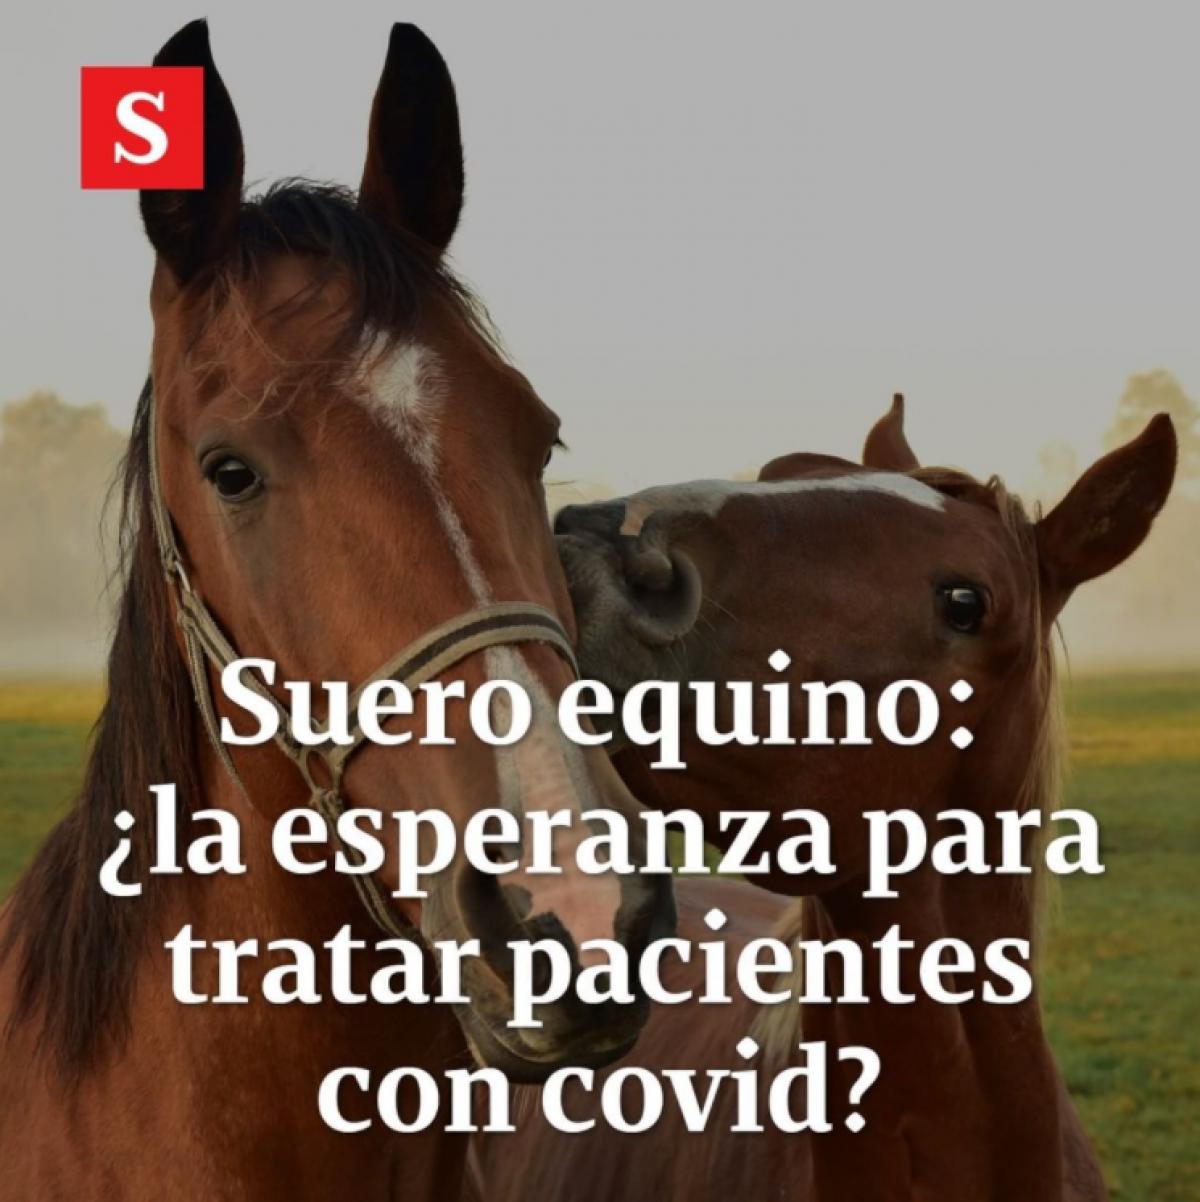 Suero equino: la esperanza de Argentina para tratar pacientes con coronavirus